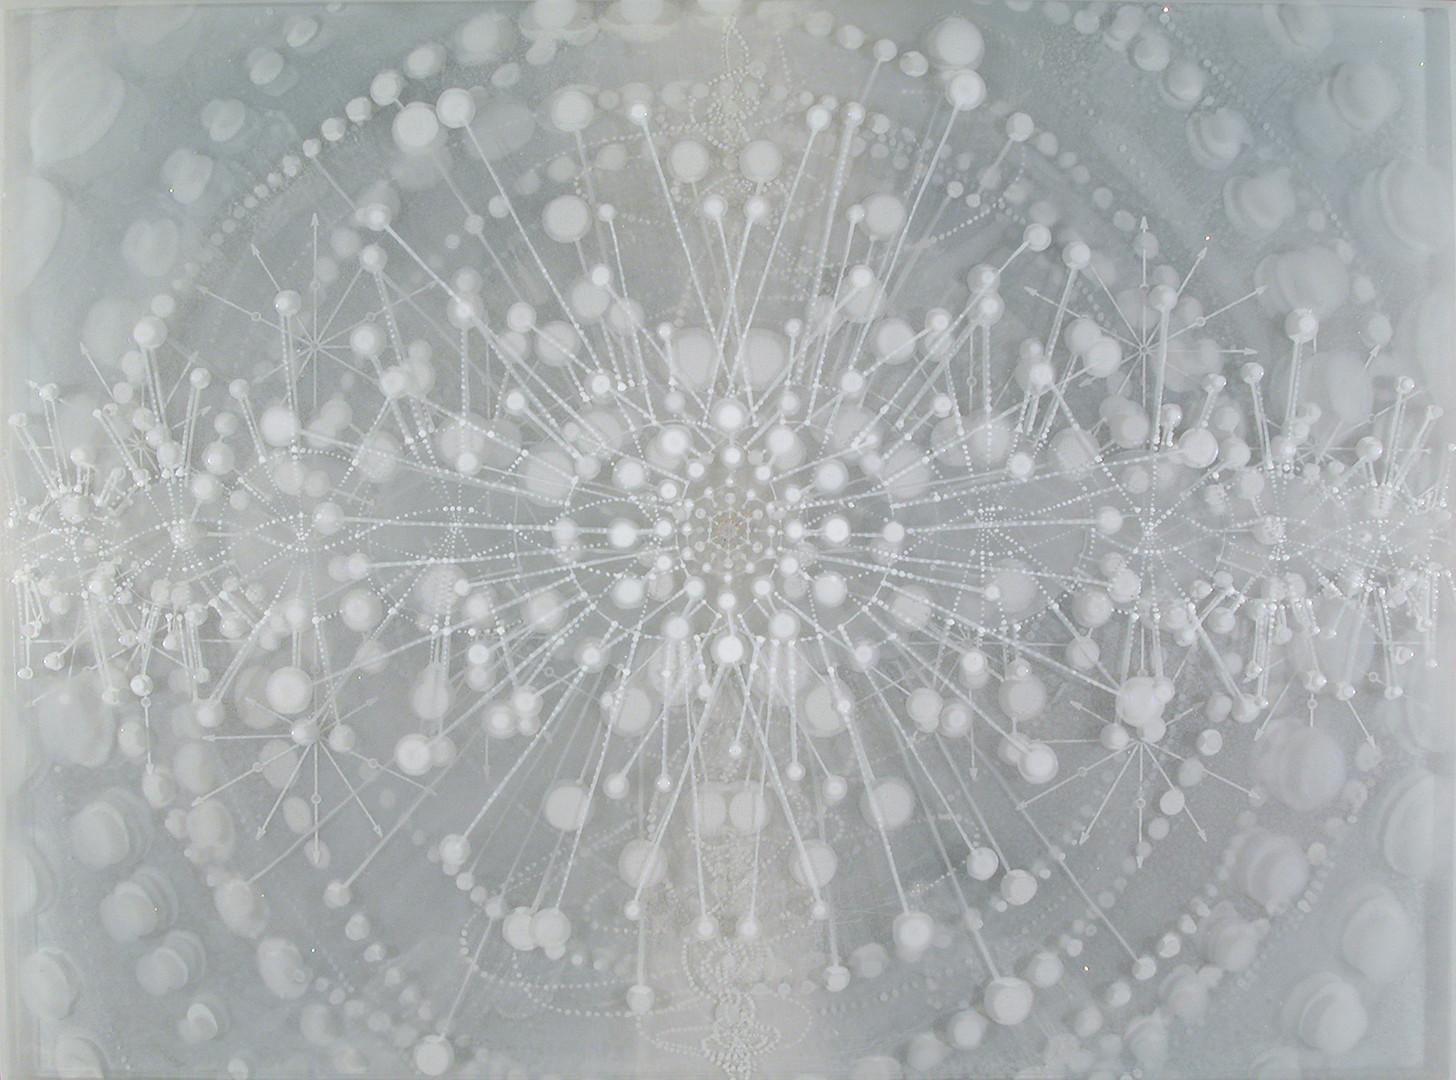 Astrogeny 3, 2005